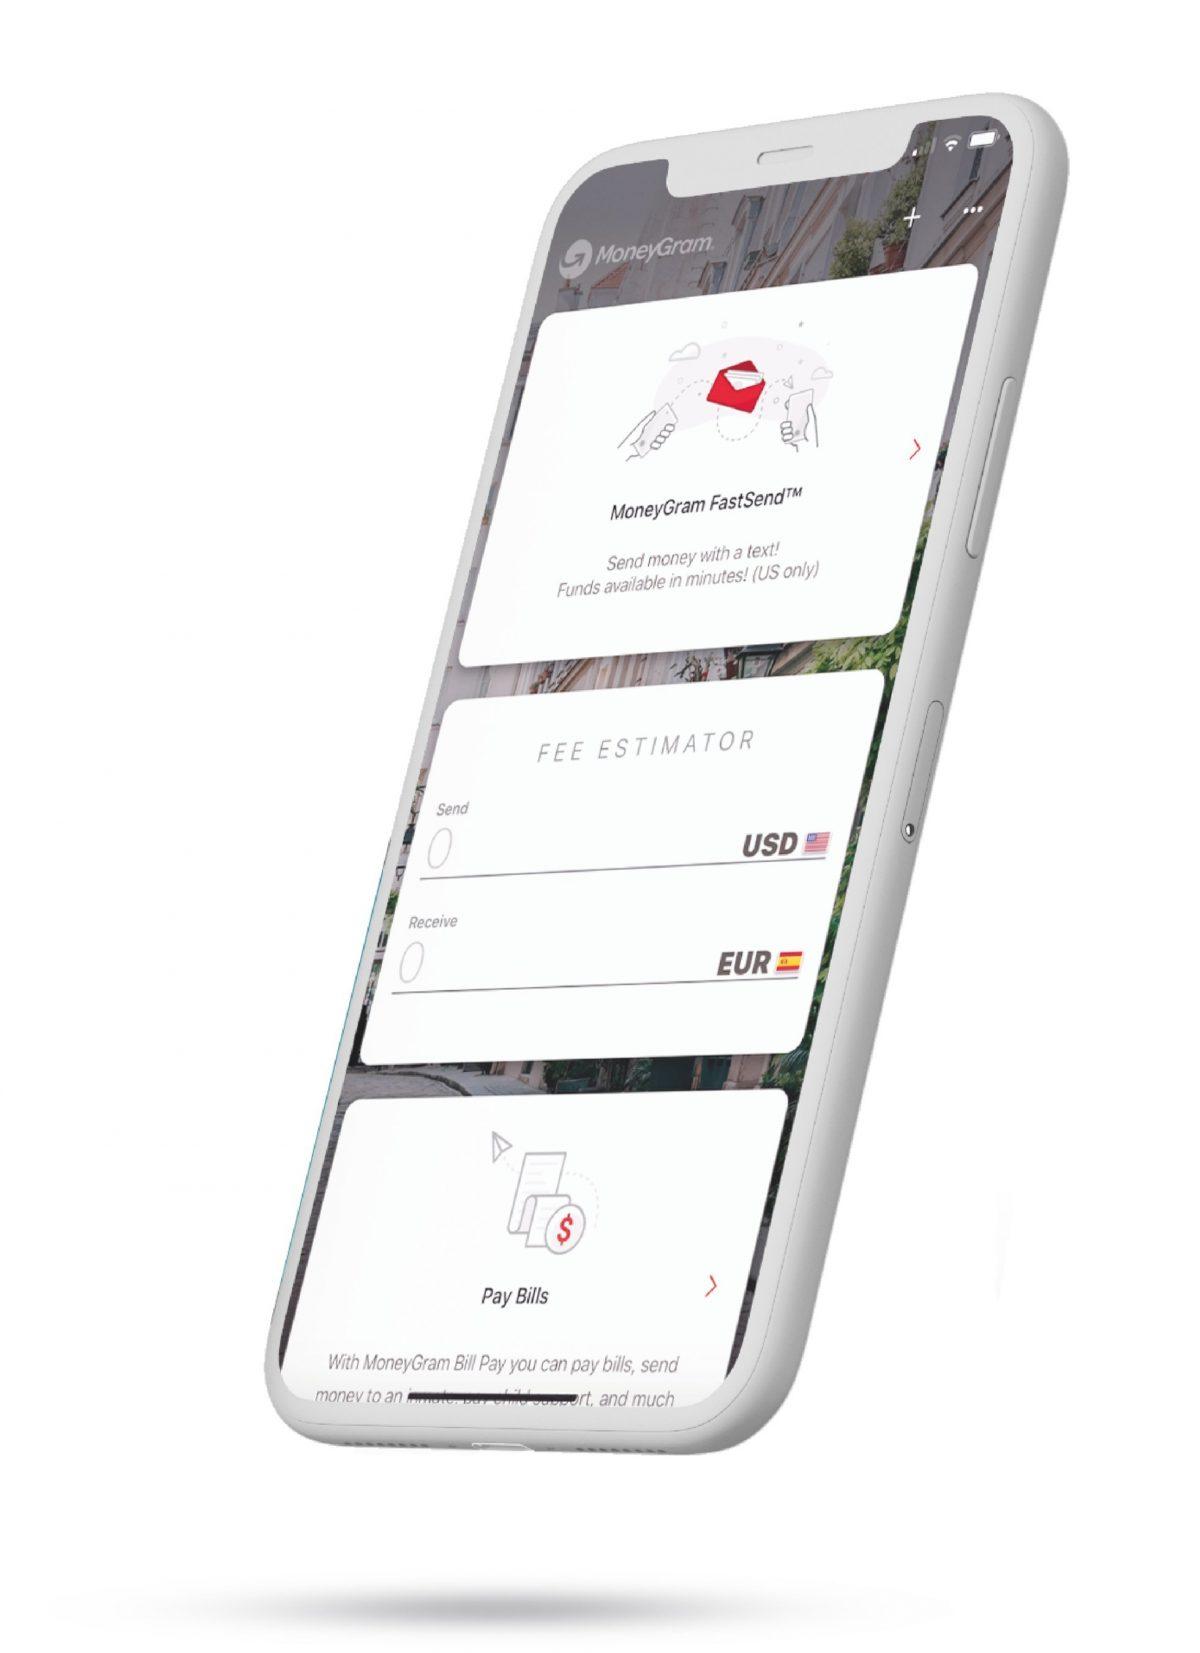 MoneyGram Digital Business continúa su rápido ascenso y el 30 % de las transacciones de la empresa ahora son digitales